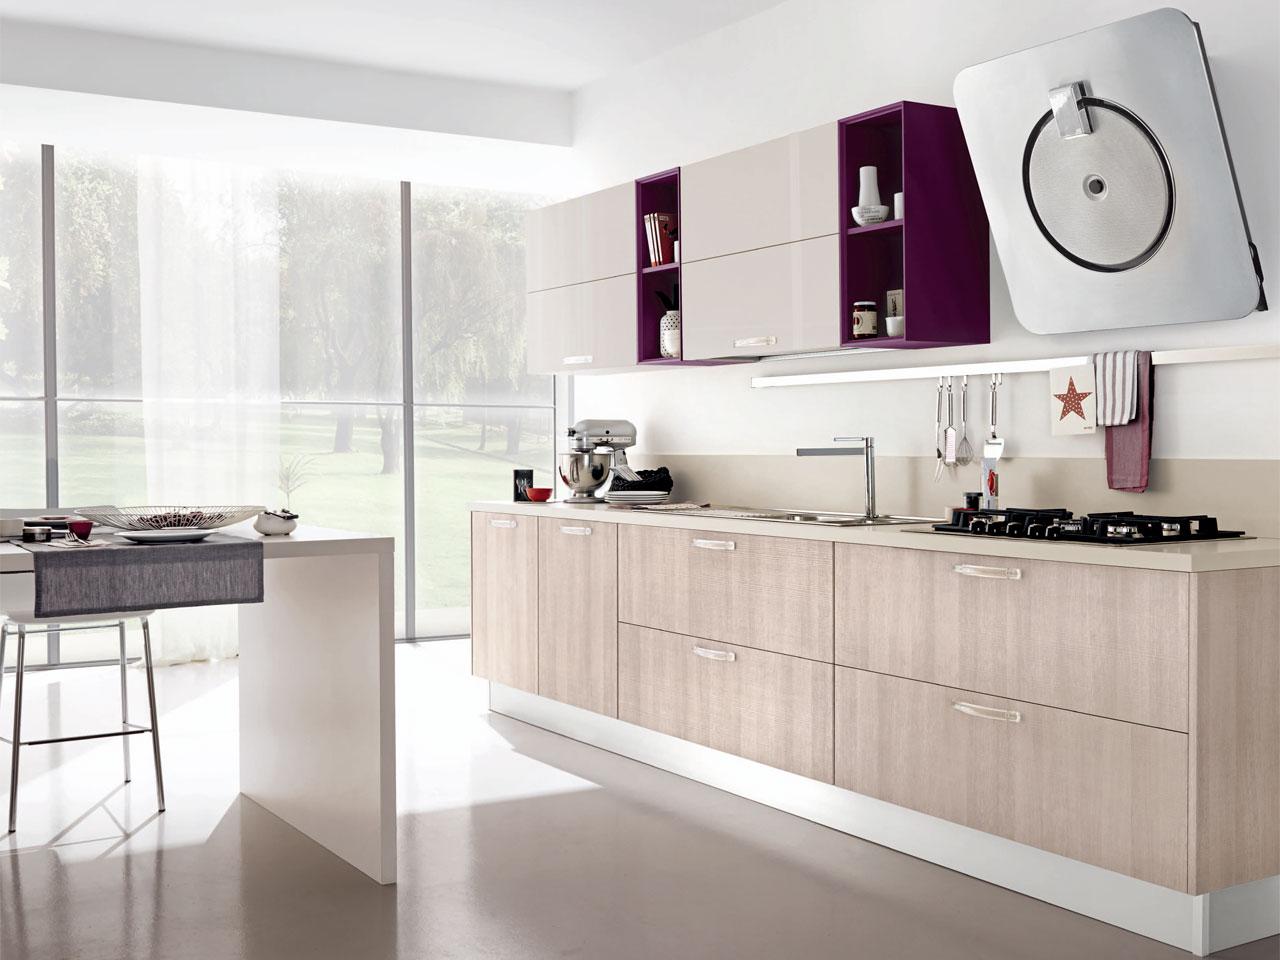 Cucina Lube Modello Noemi - Idee Per La Casa - Douglasfalls.com